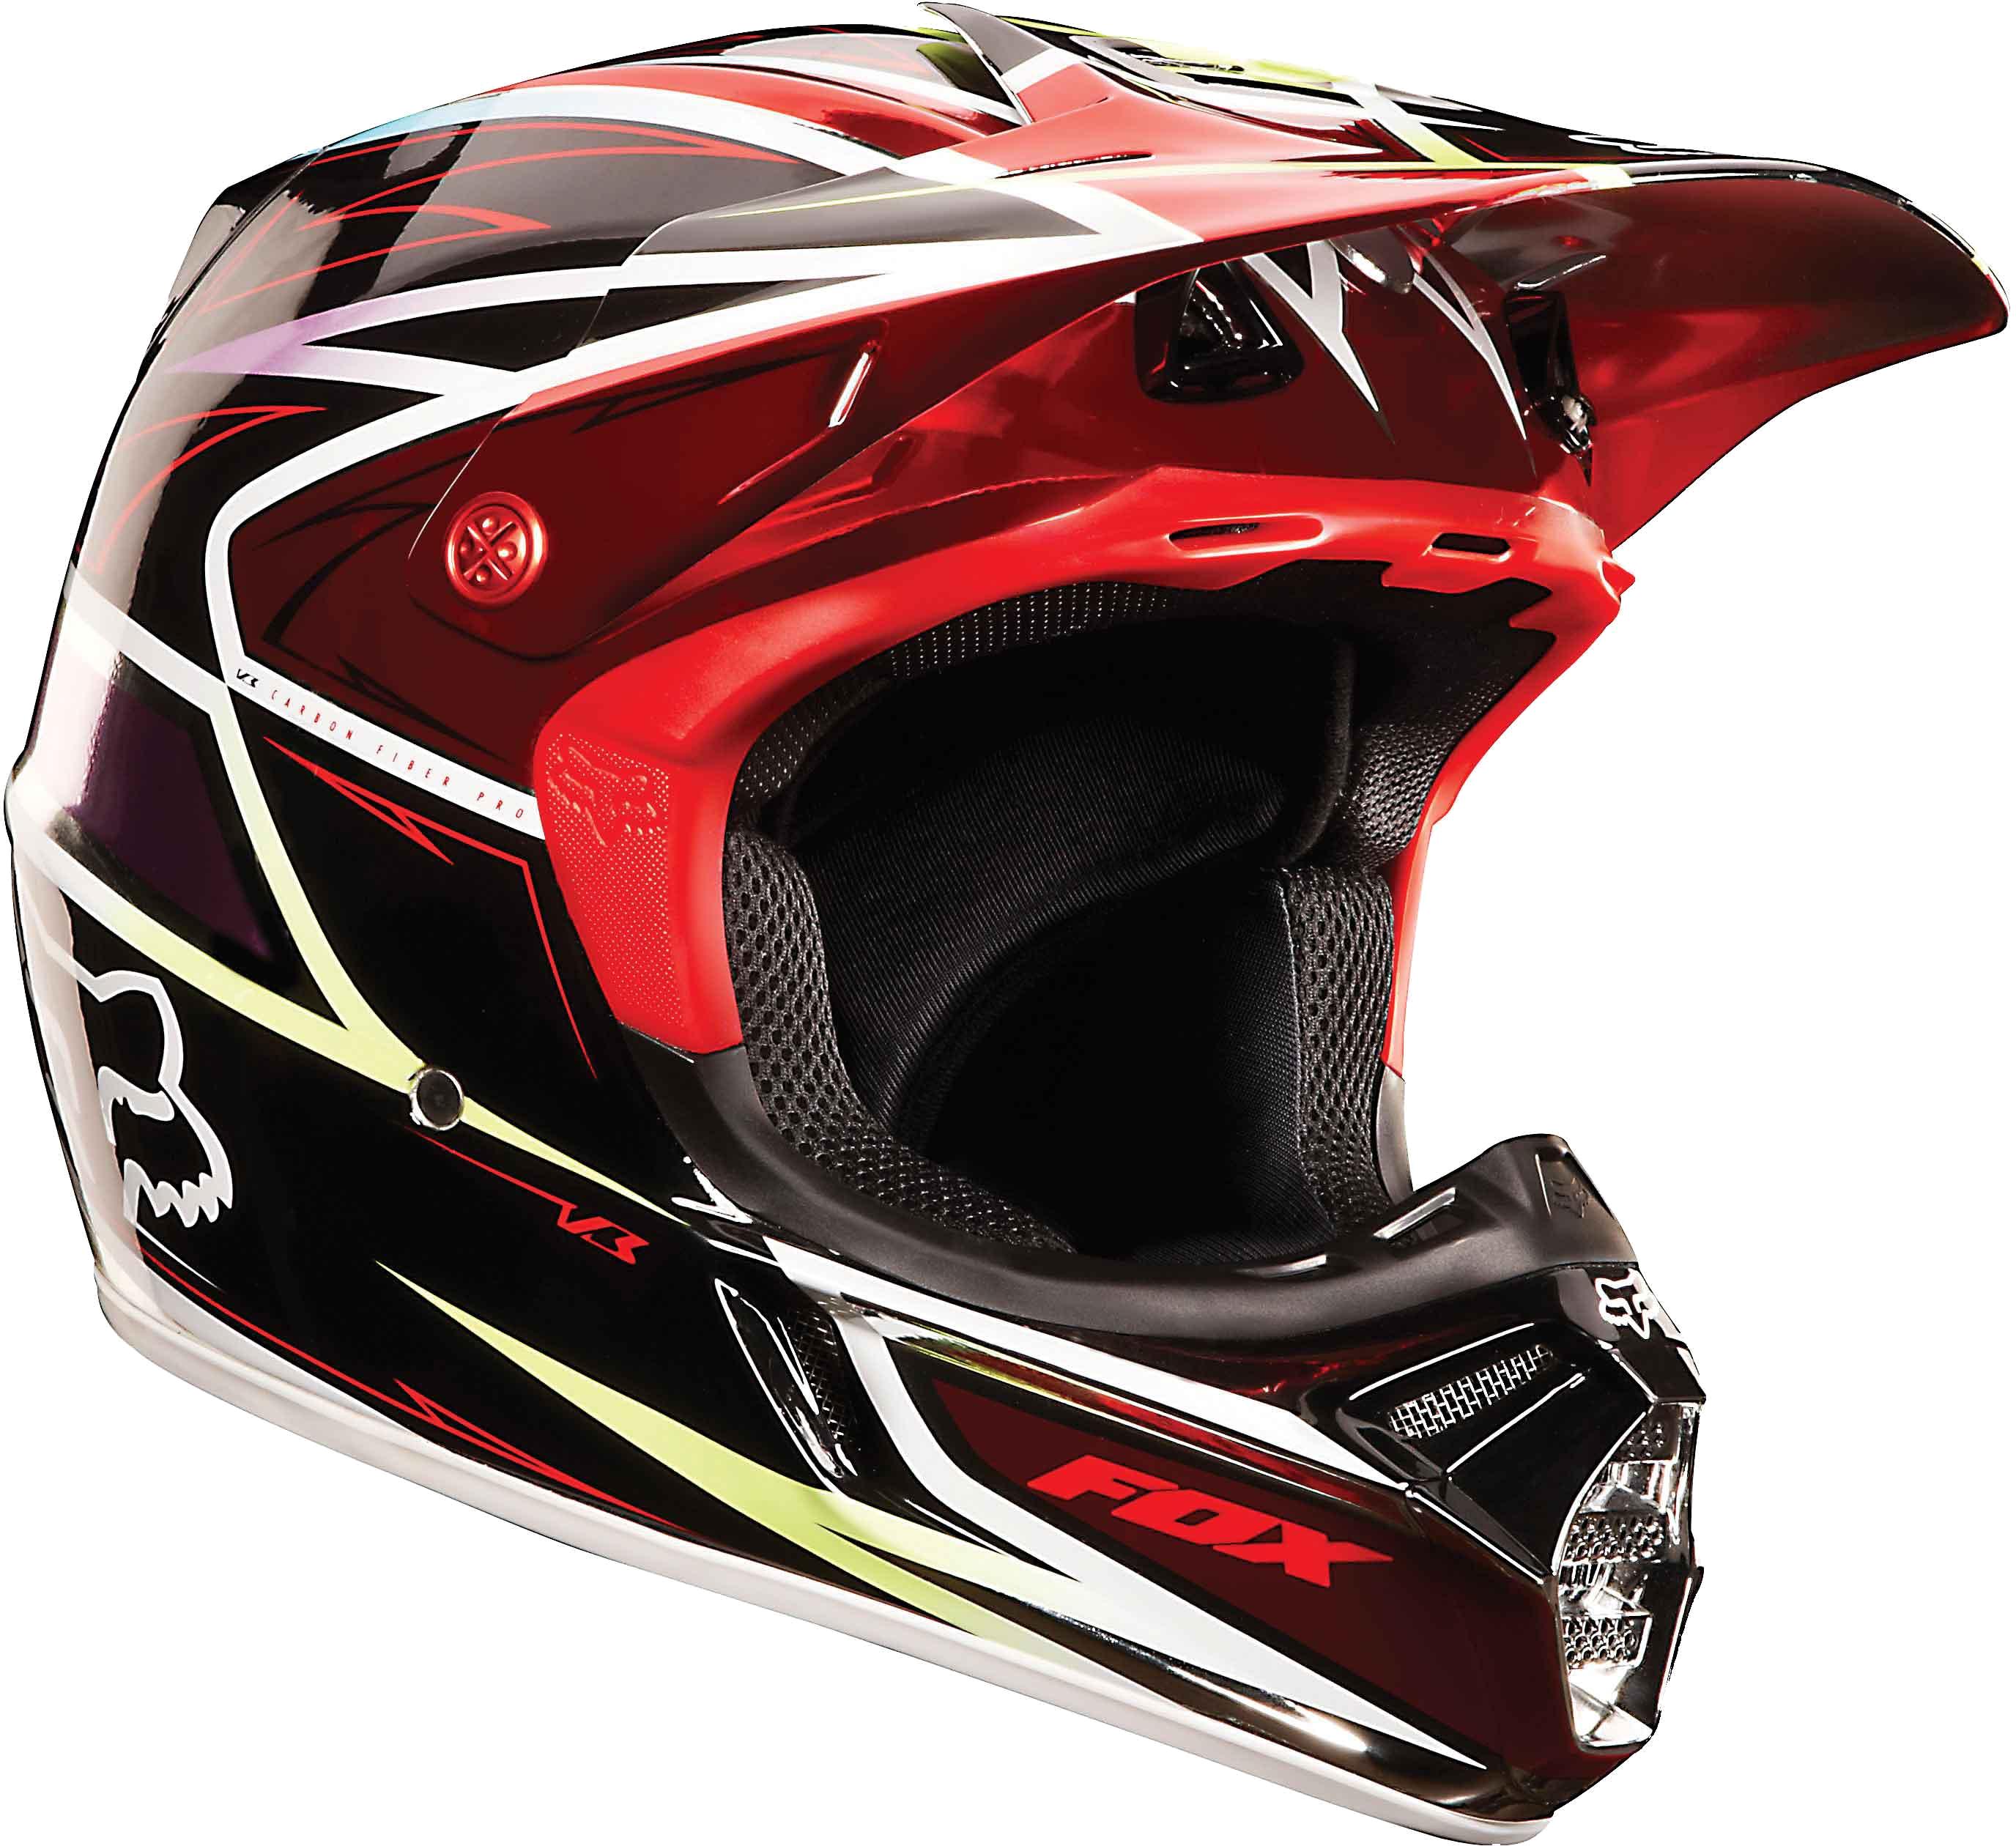 Motorcycle helmets PNG images free download, moto helmet PNG.